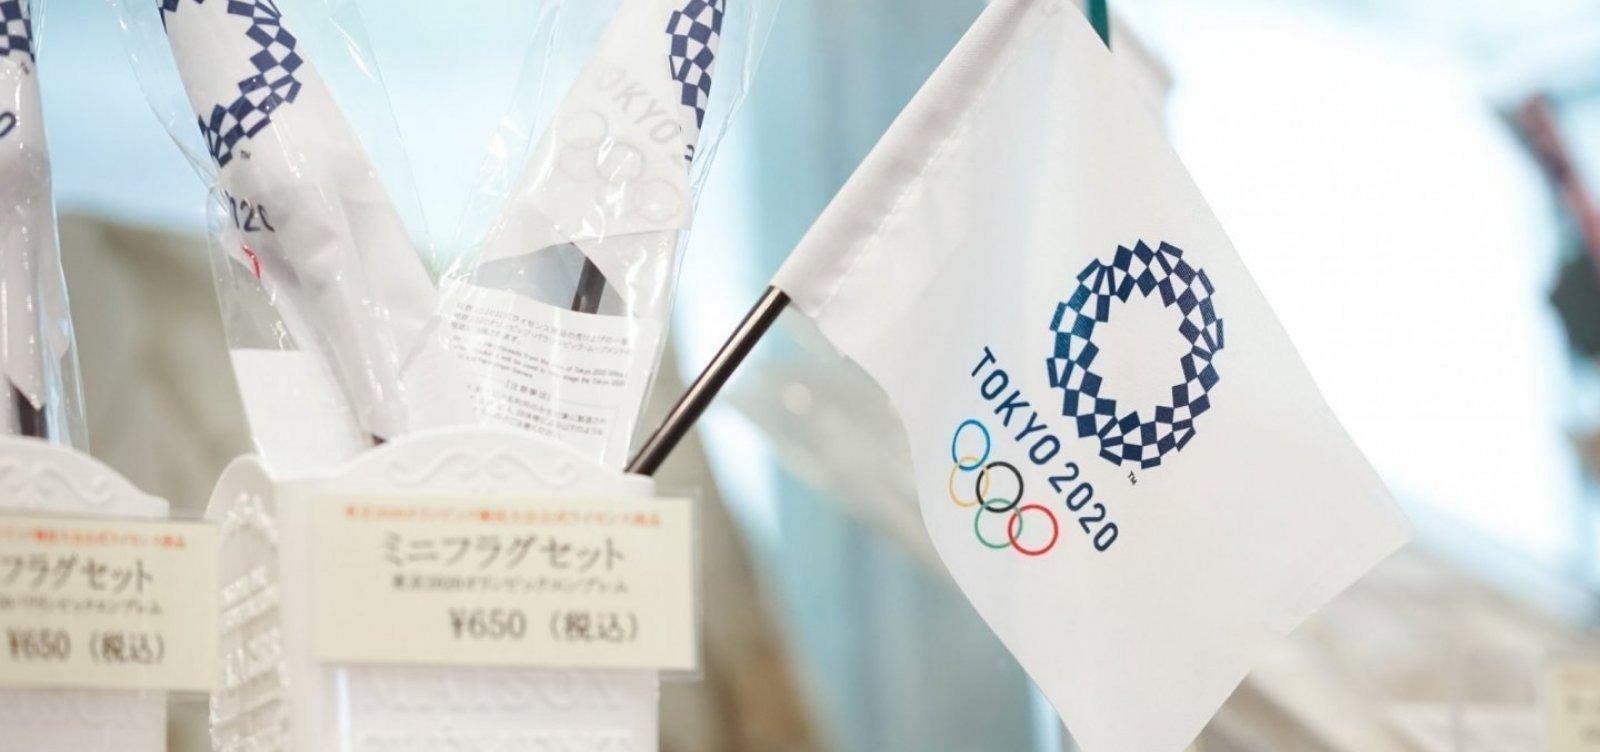 Olimpíadas de Tóquio: confira a agenda de competições do Brasil nesta segunda-feira